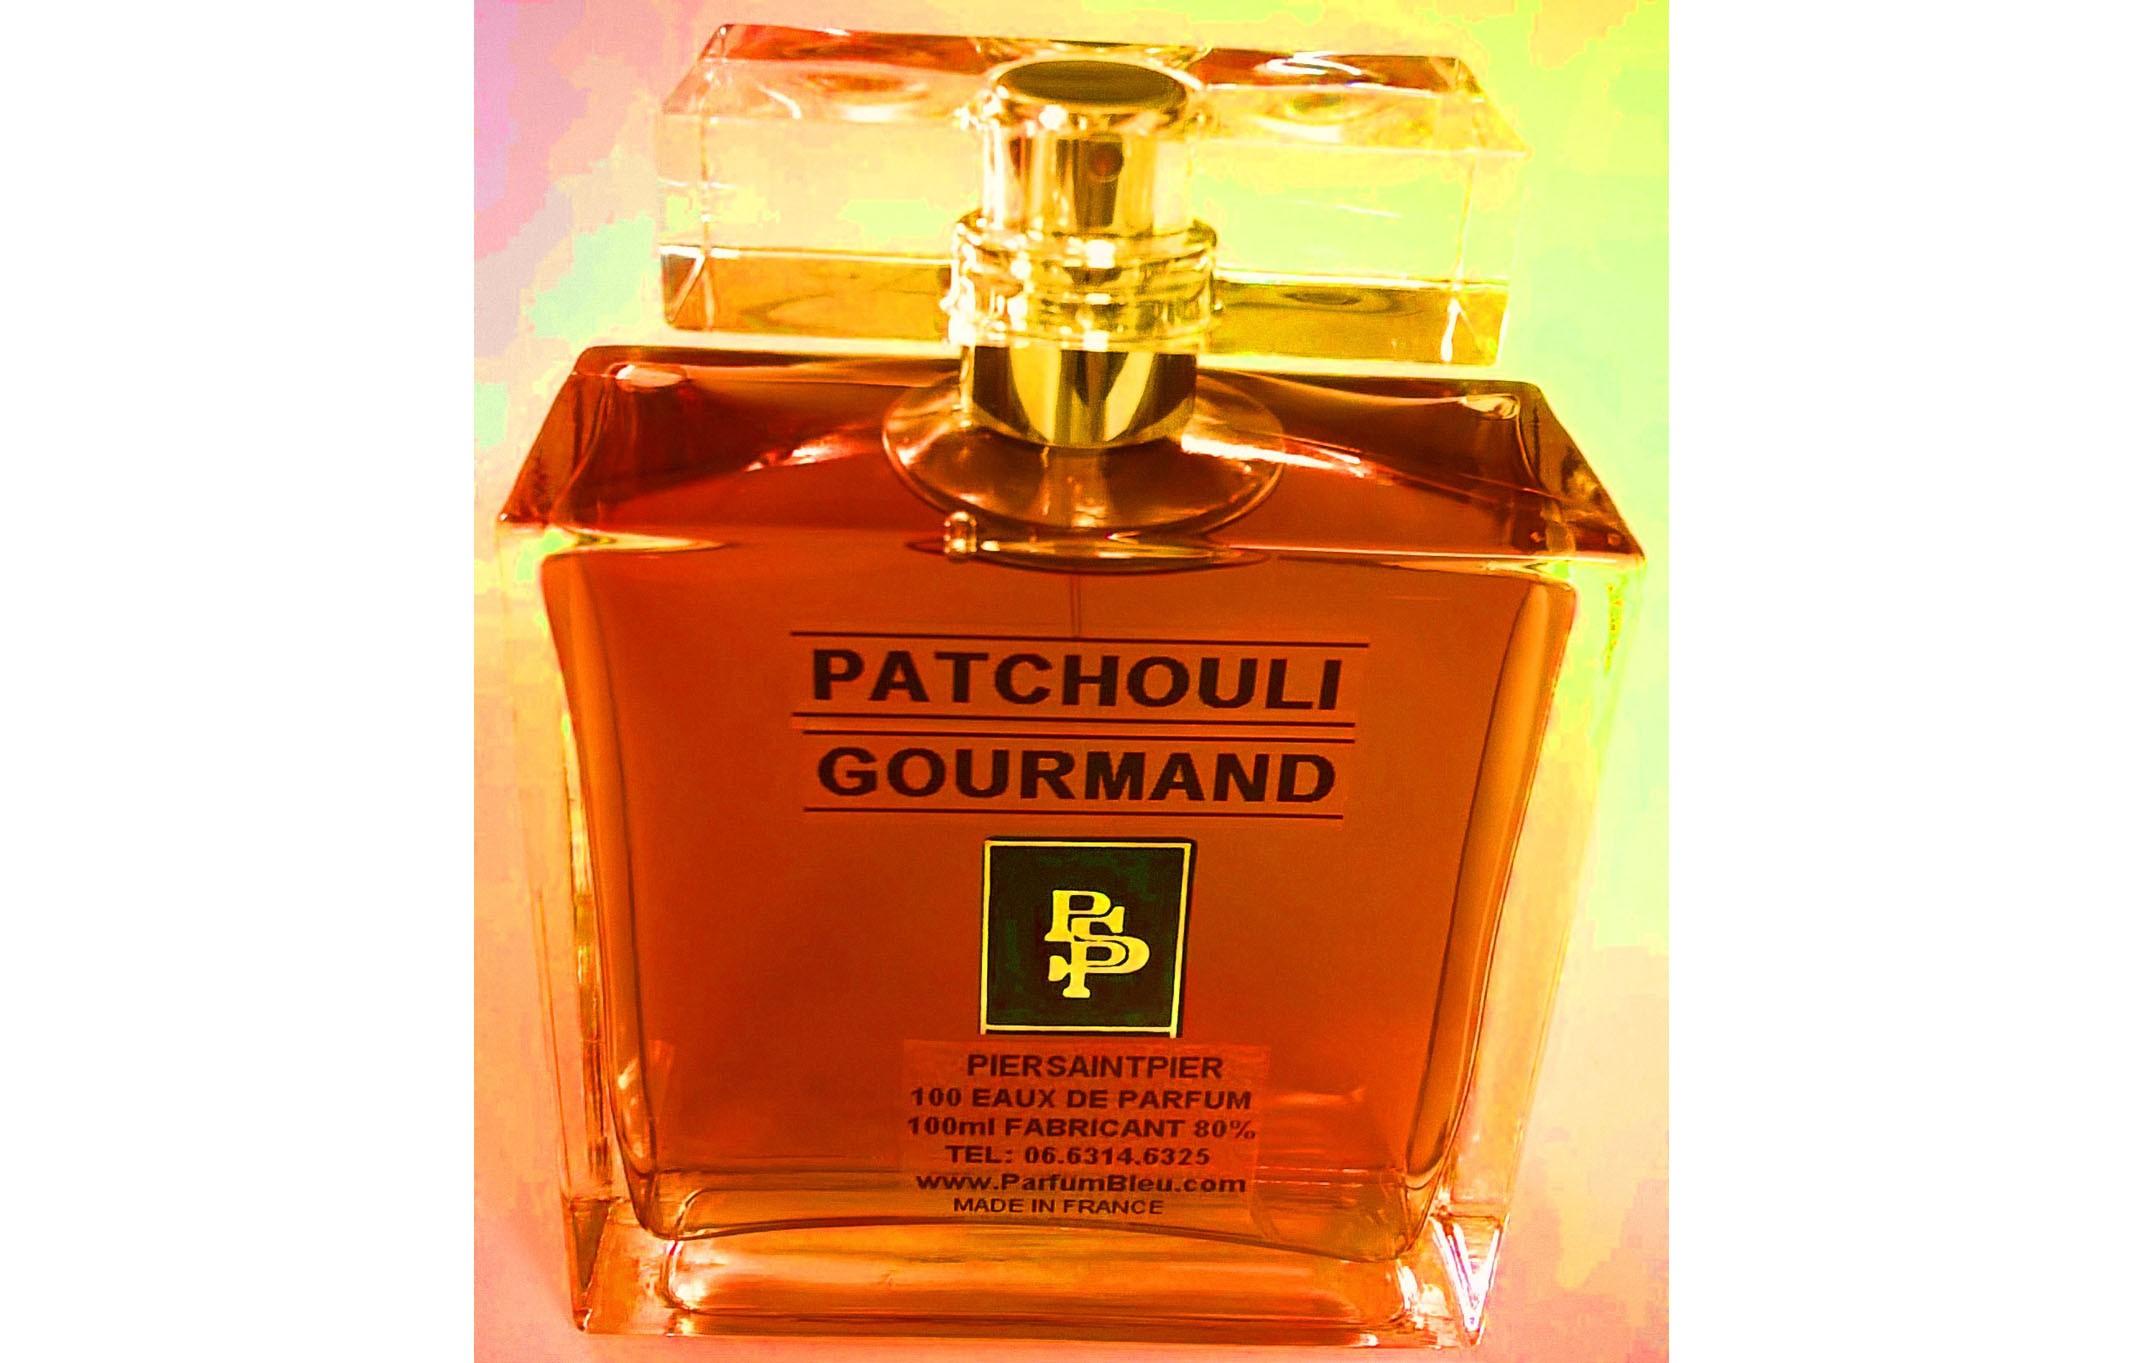 PATCHOULI GOURMAND (Flacon Luxe / Sans Boite)